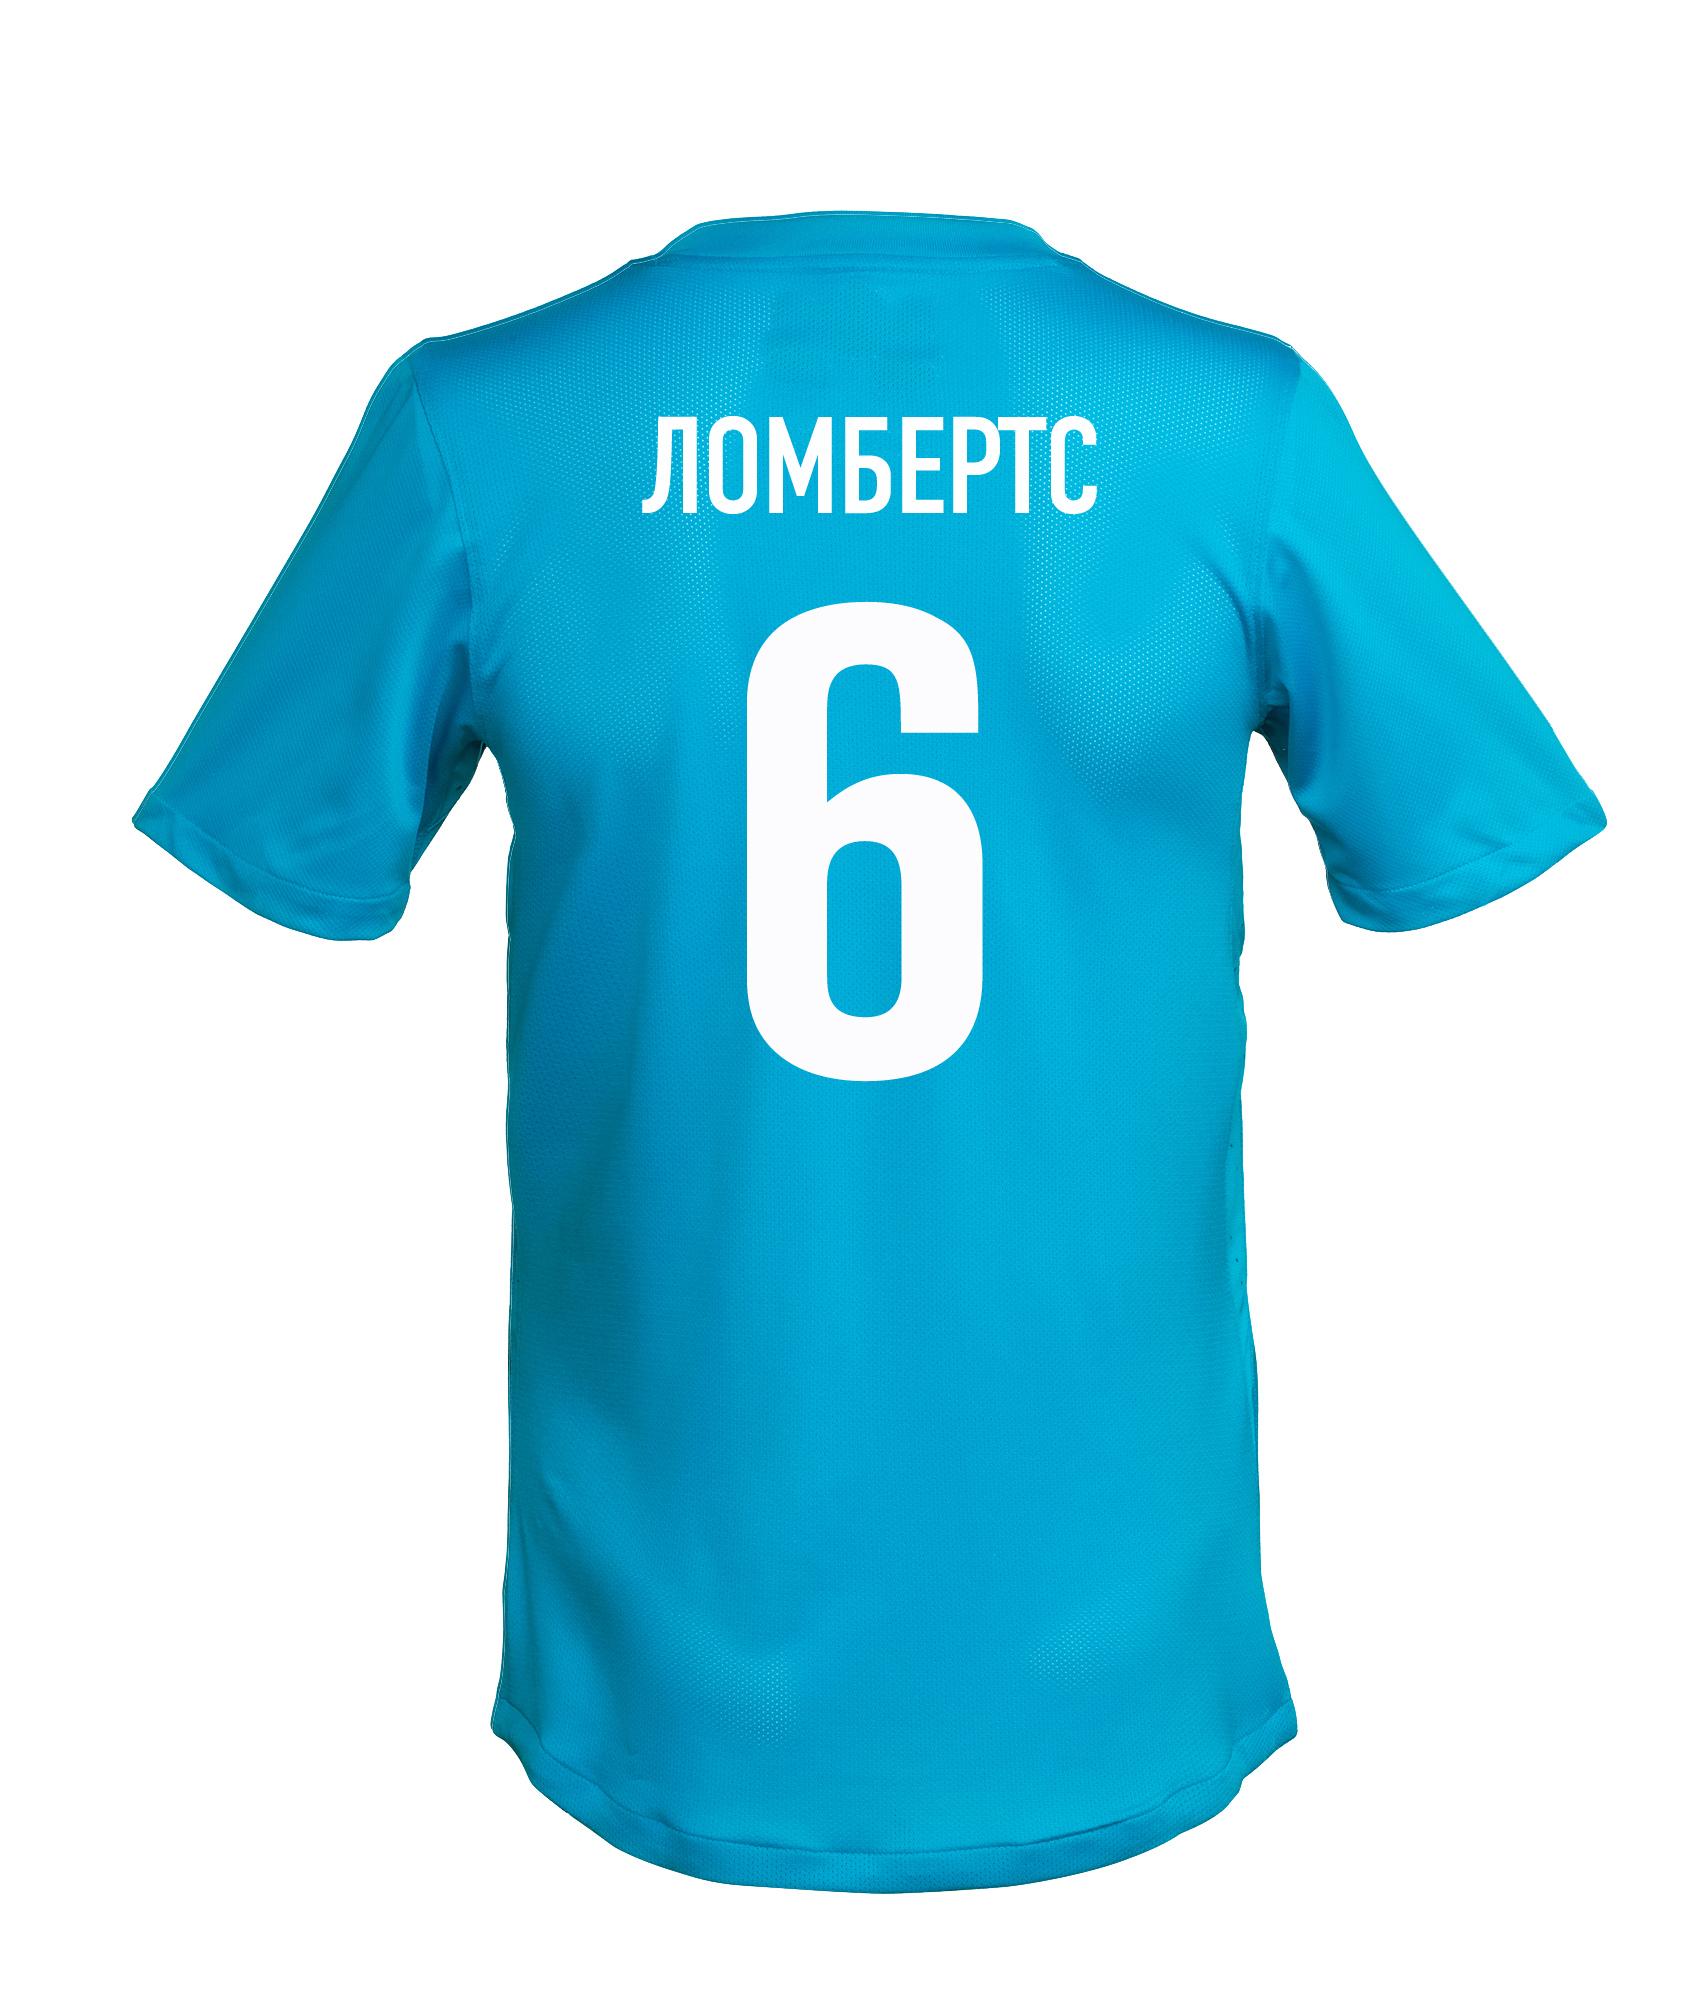 Игровая футболка с фамилией и номером Н. Ломбертса, Цвет-Синий, Размер-XXL